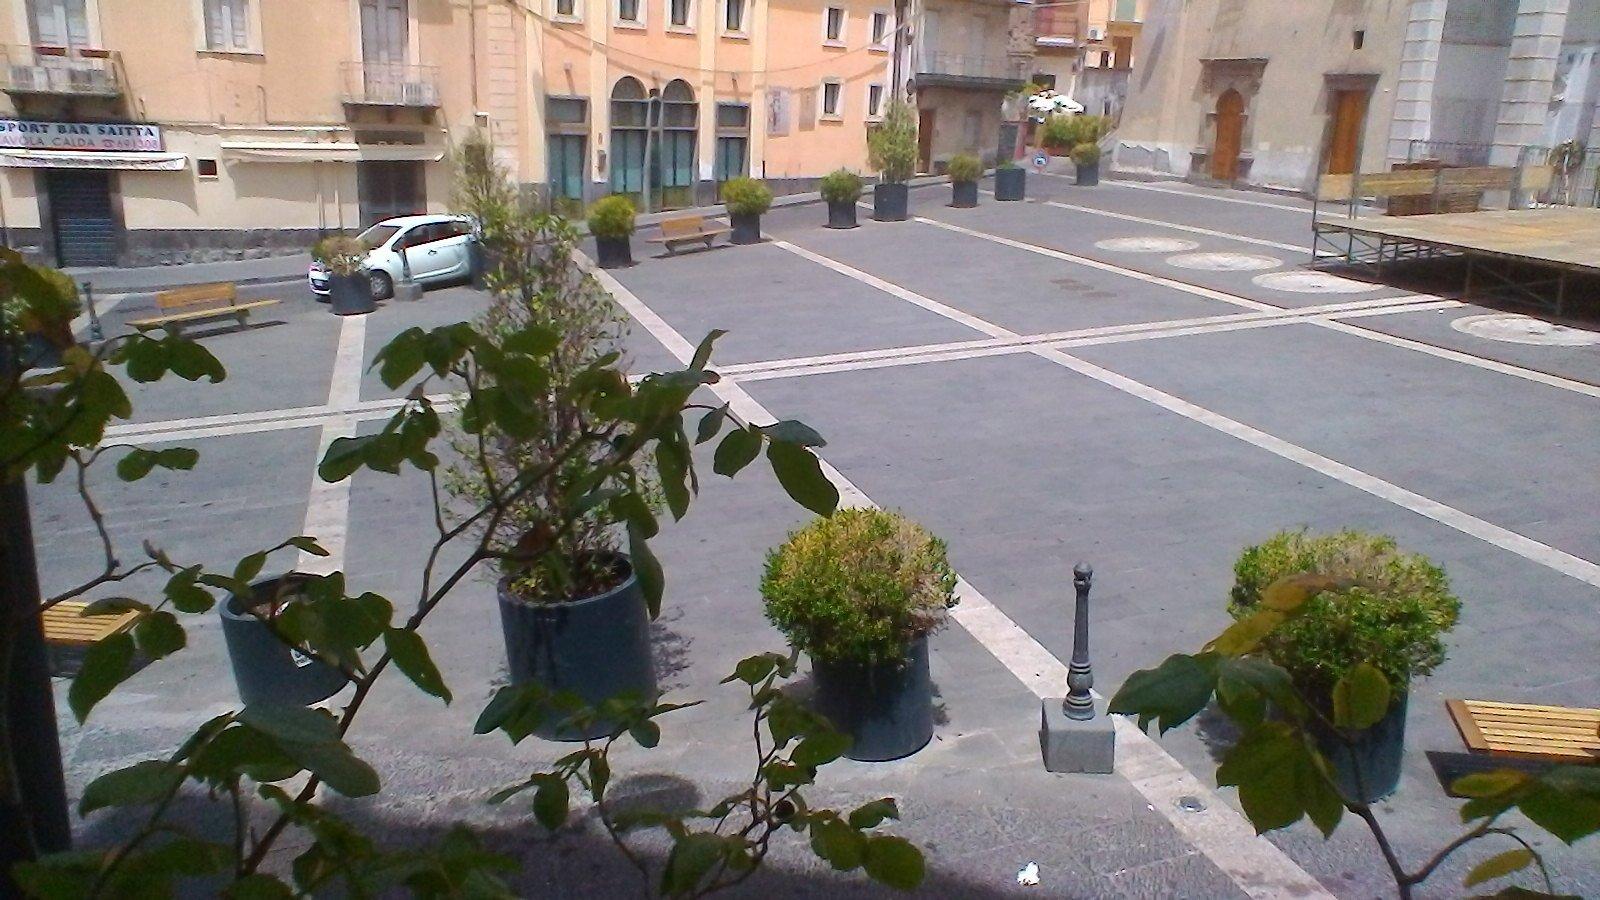 pavimenti di una piazza